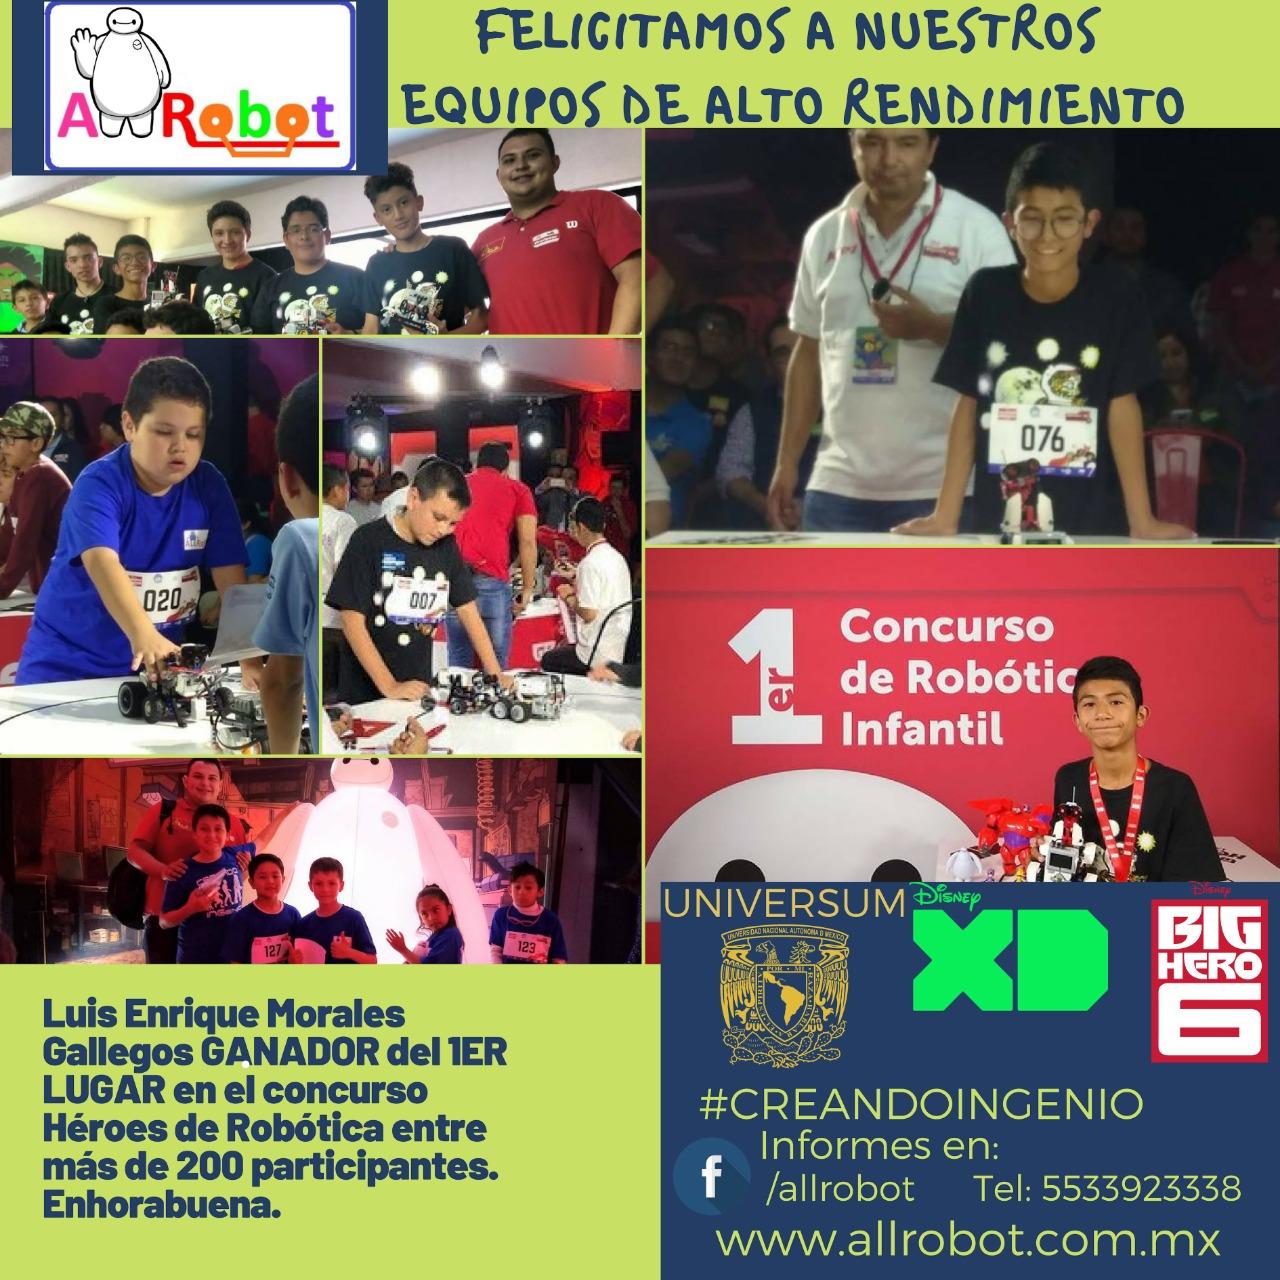 Felicidades a nuestro alumno Luis Enrique Morales G. por ser el GANADOR del 1er lugar en el concurso Héroes de Robotica